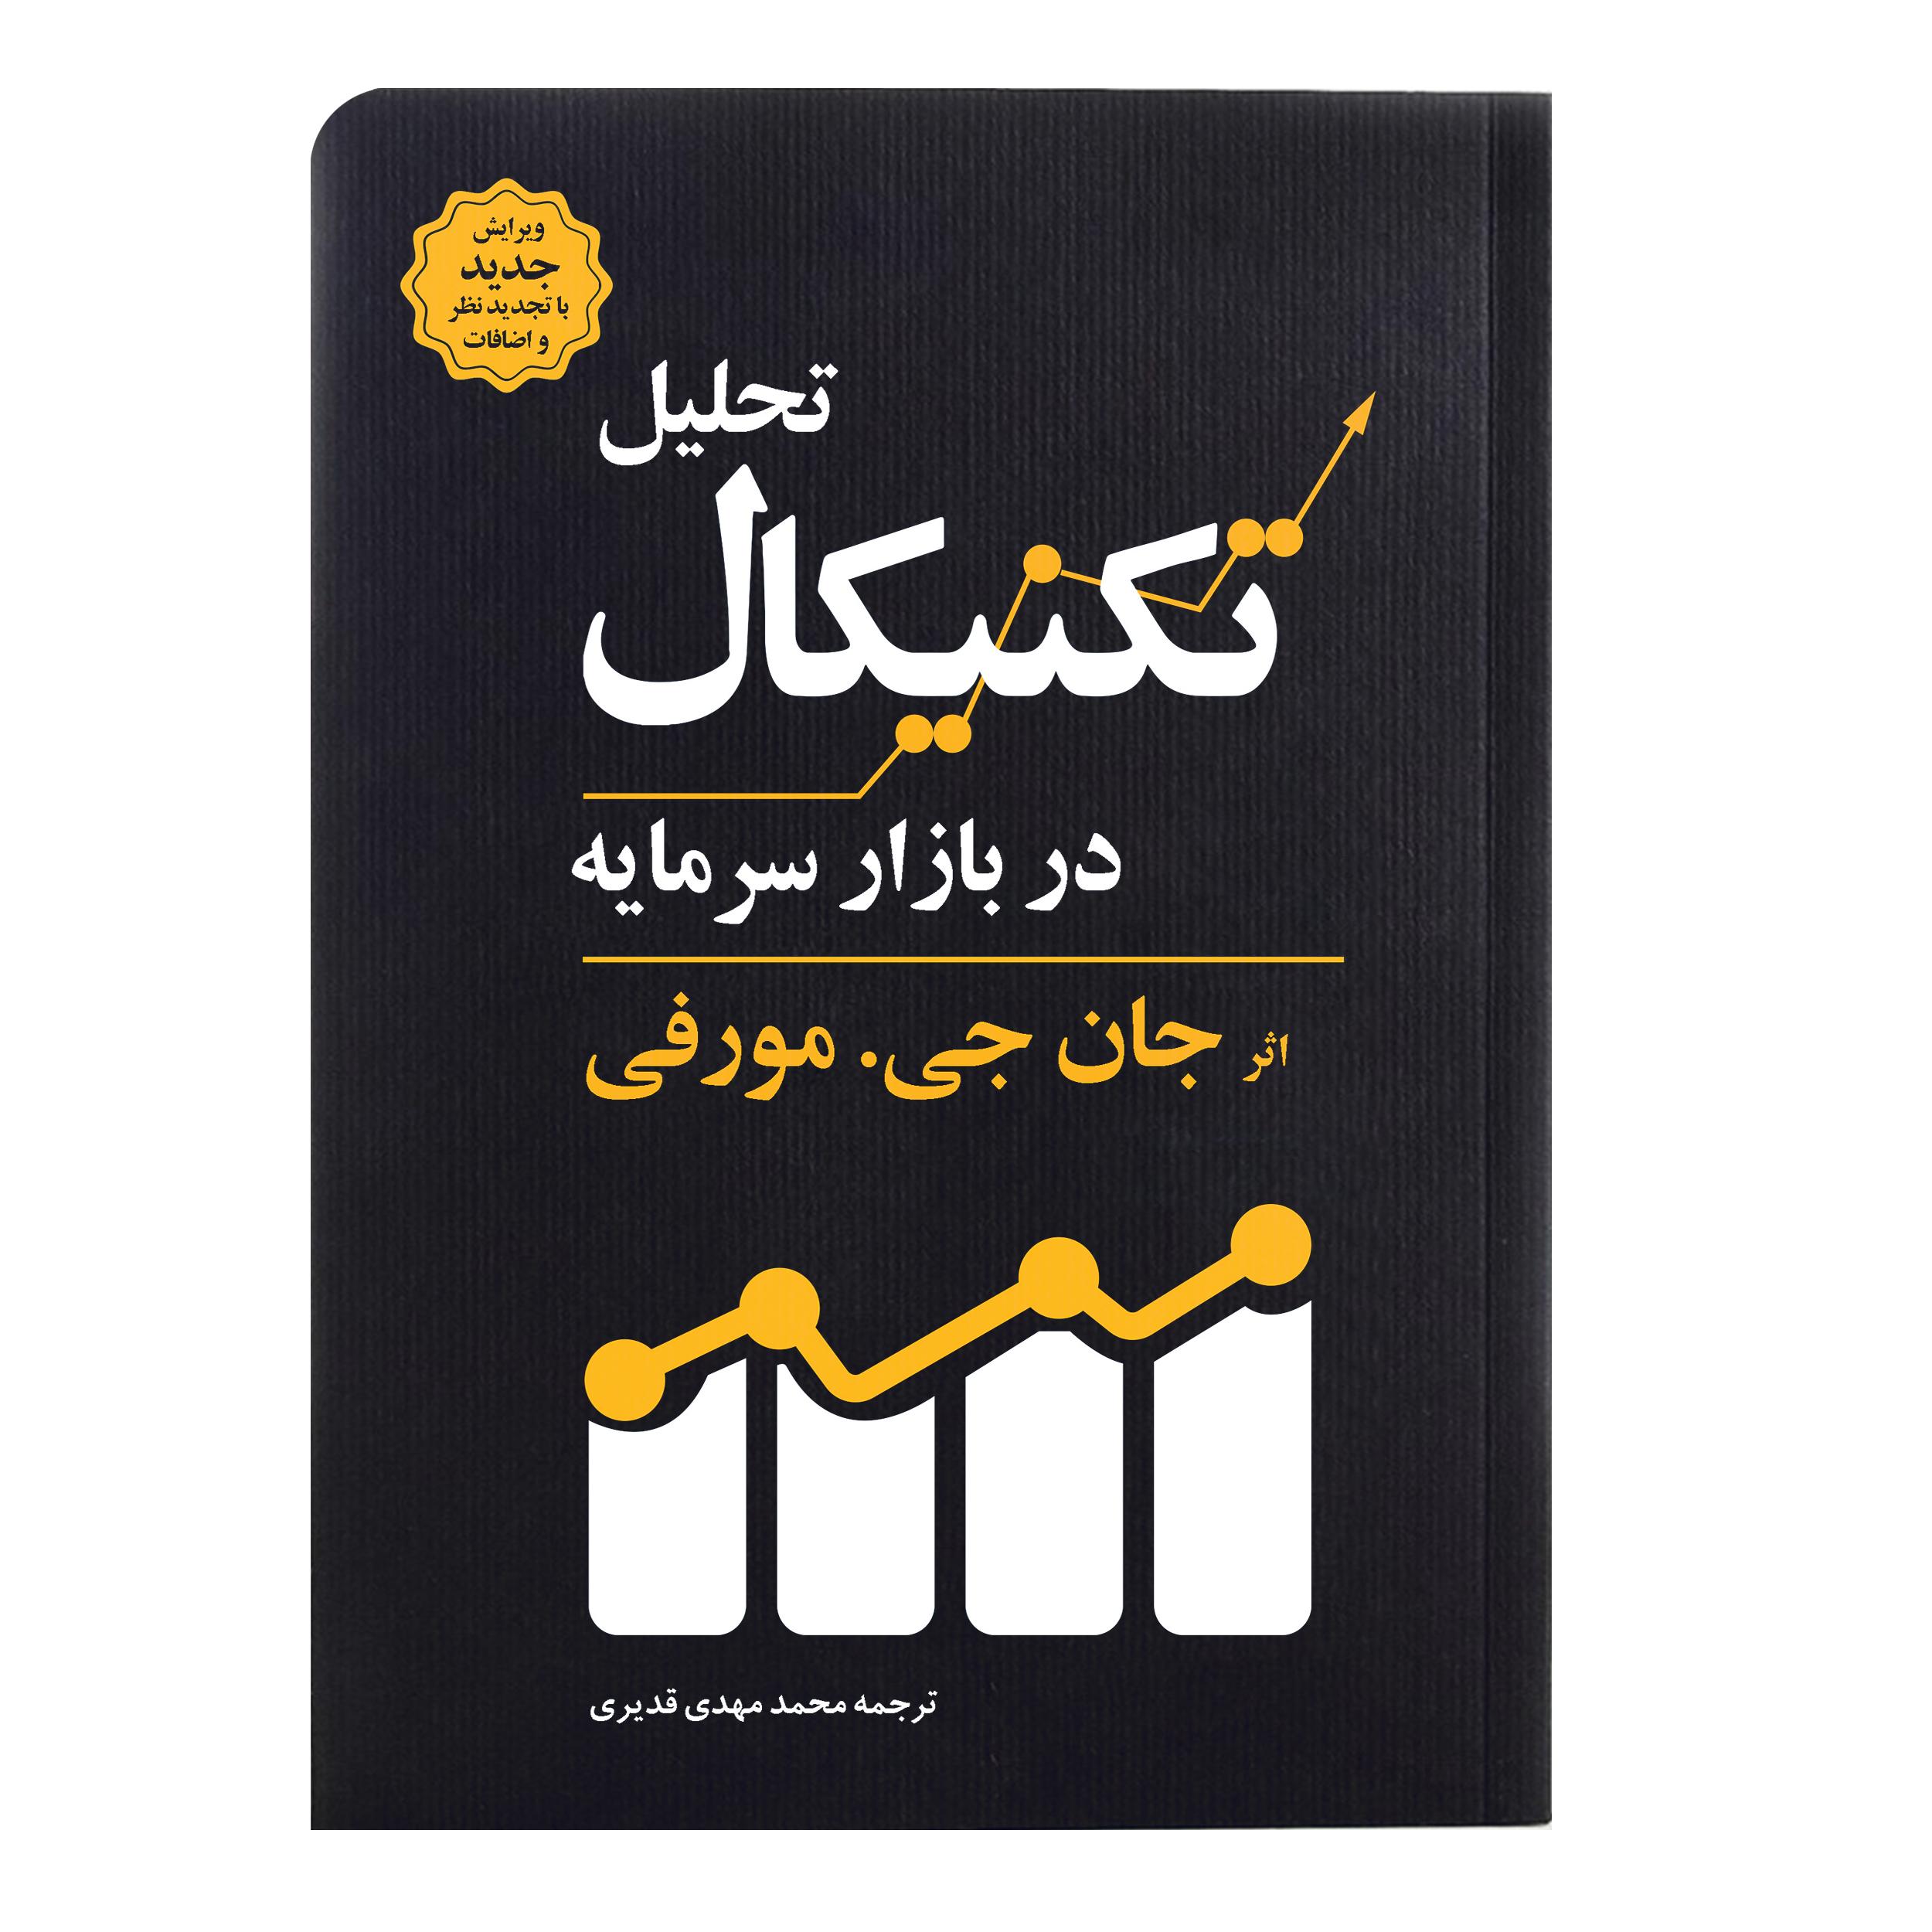 کتاب تحلیل تکنیکال در بازار سرمایه اثر جان جی.مورفی نشر کاسپین دانش